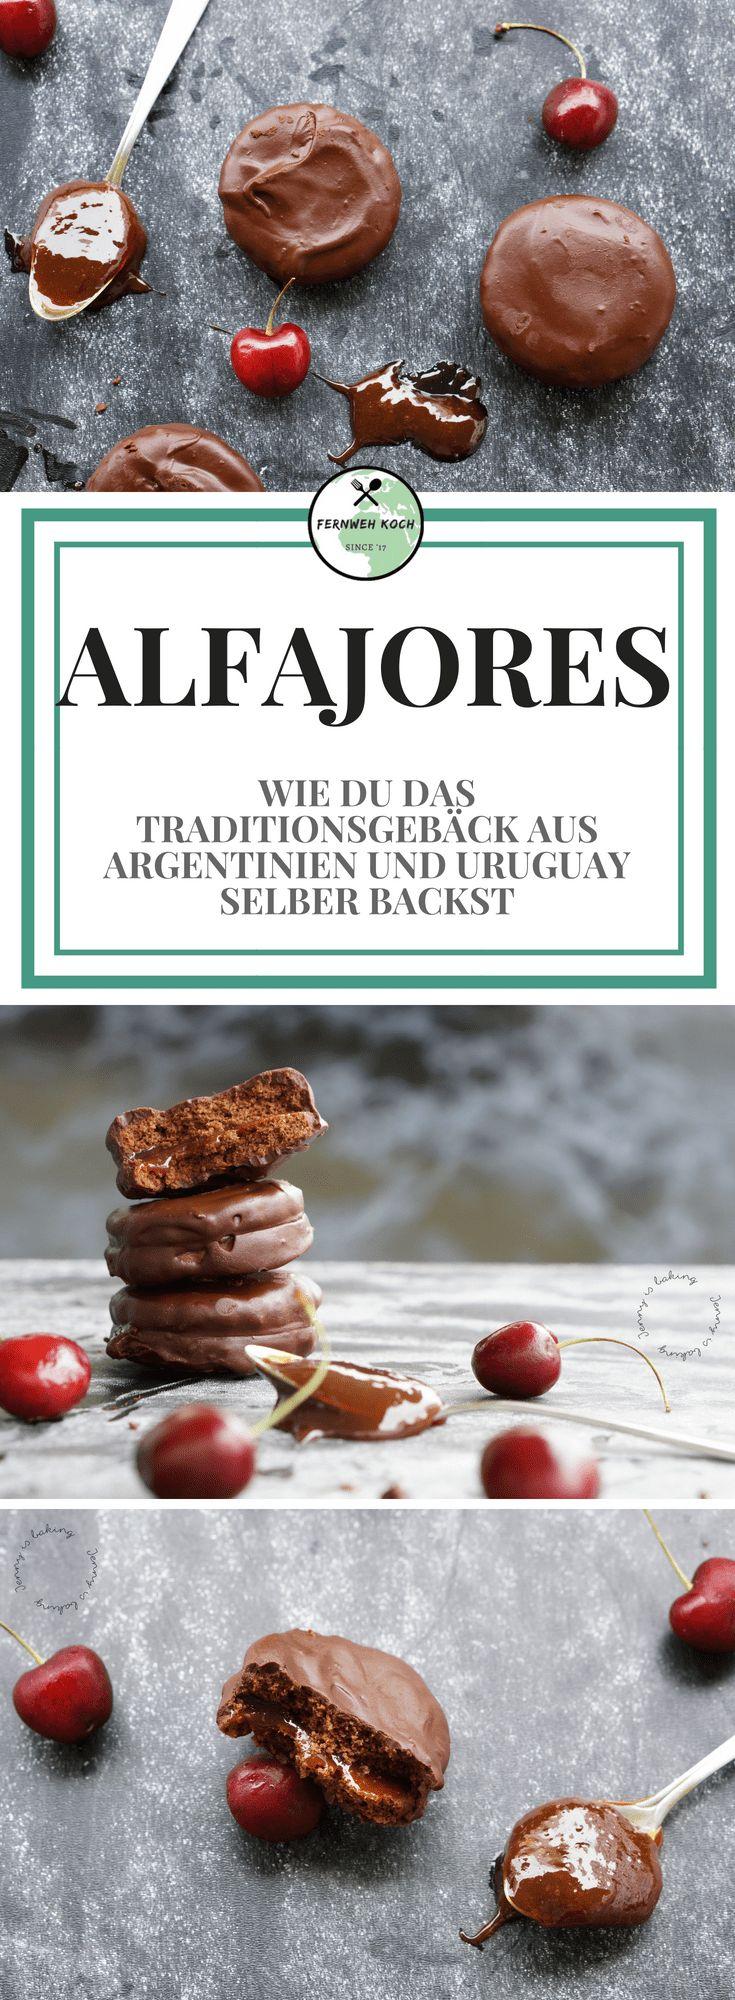 Alfajores sind eines der beliebtesten Gebäcke aus Uruguay und Argentinien. Sie werden quasi jederzeit gerne als kleiner Pausensnack von groß und klein gegessen. In diesem Rezept gibt es die Alfajores mit Schokolade und Dulce de Leche verfeinert. #Alfajores #Rezept #Uruguay #Argentinien #Gebäck #backen #Keks